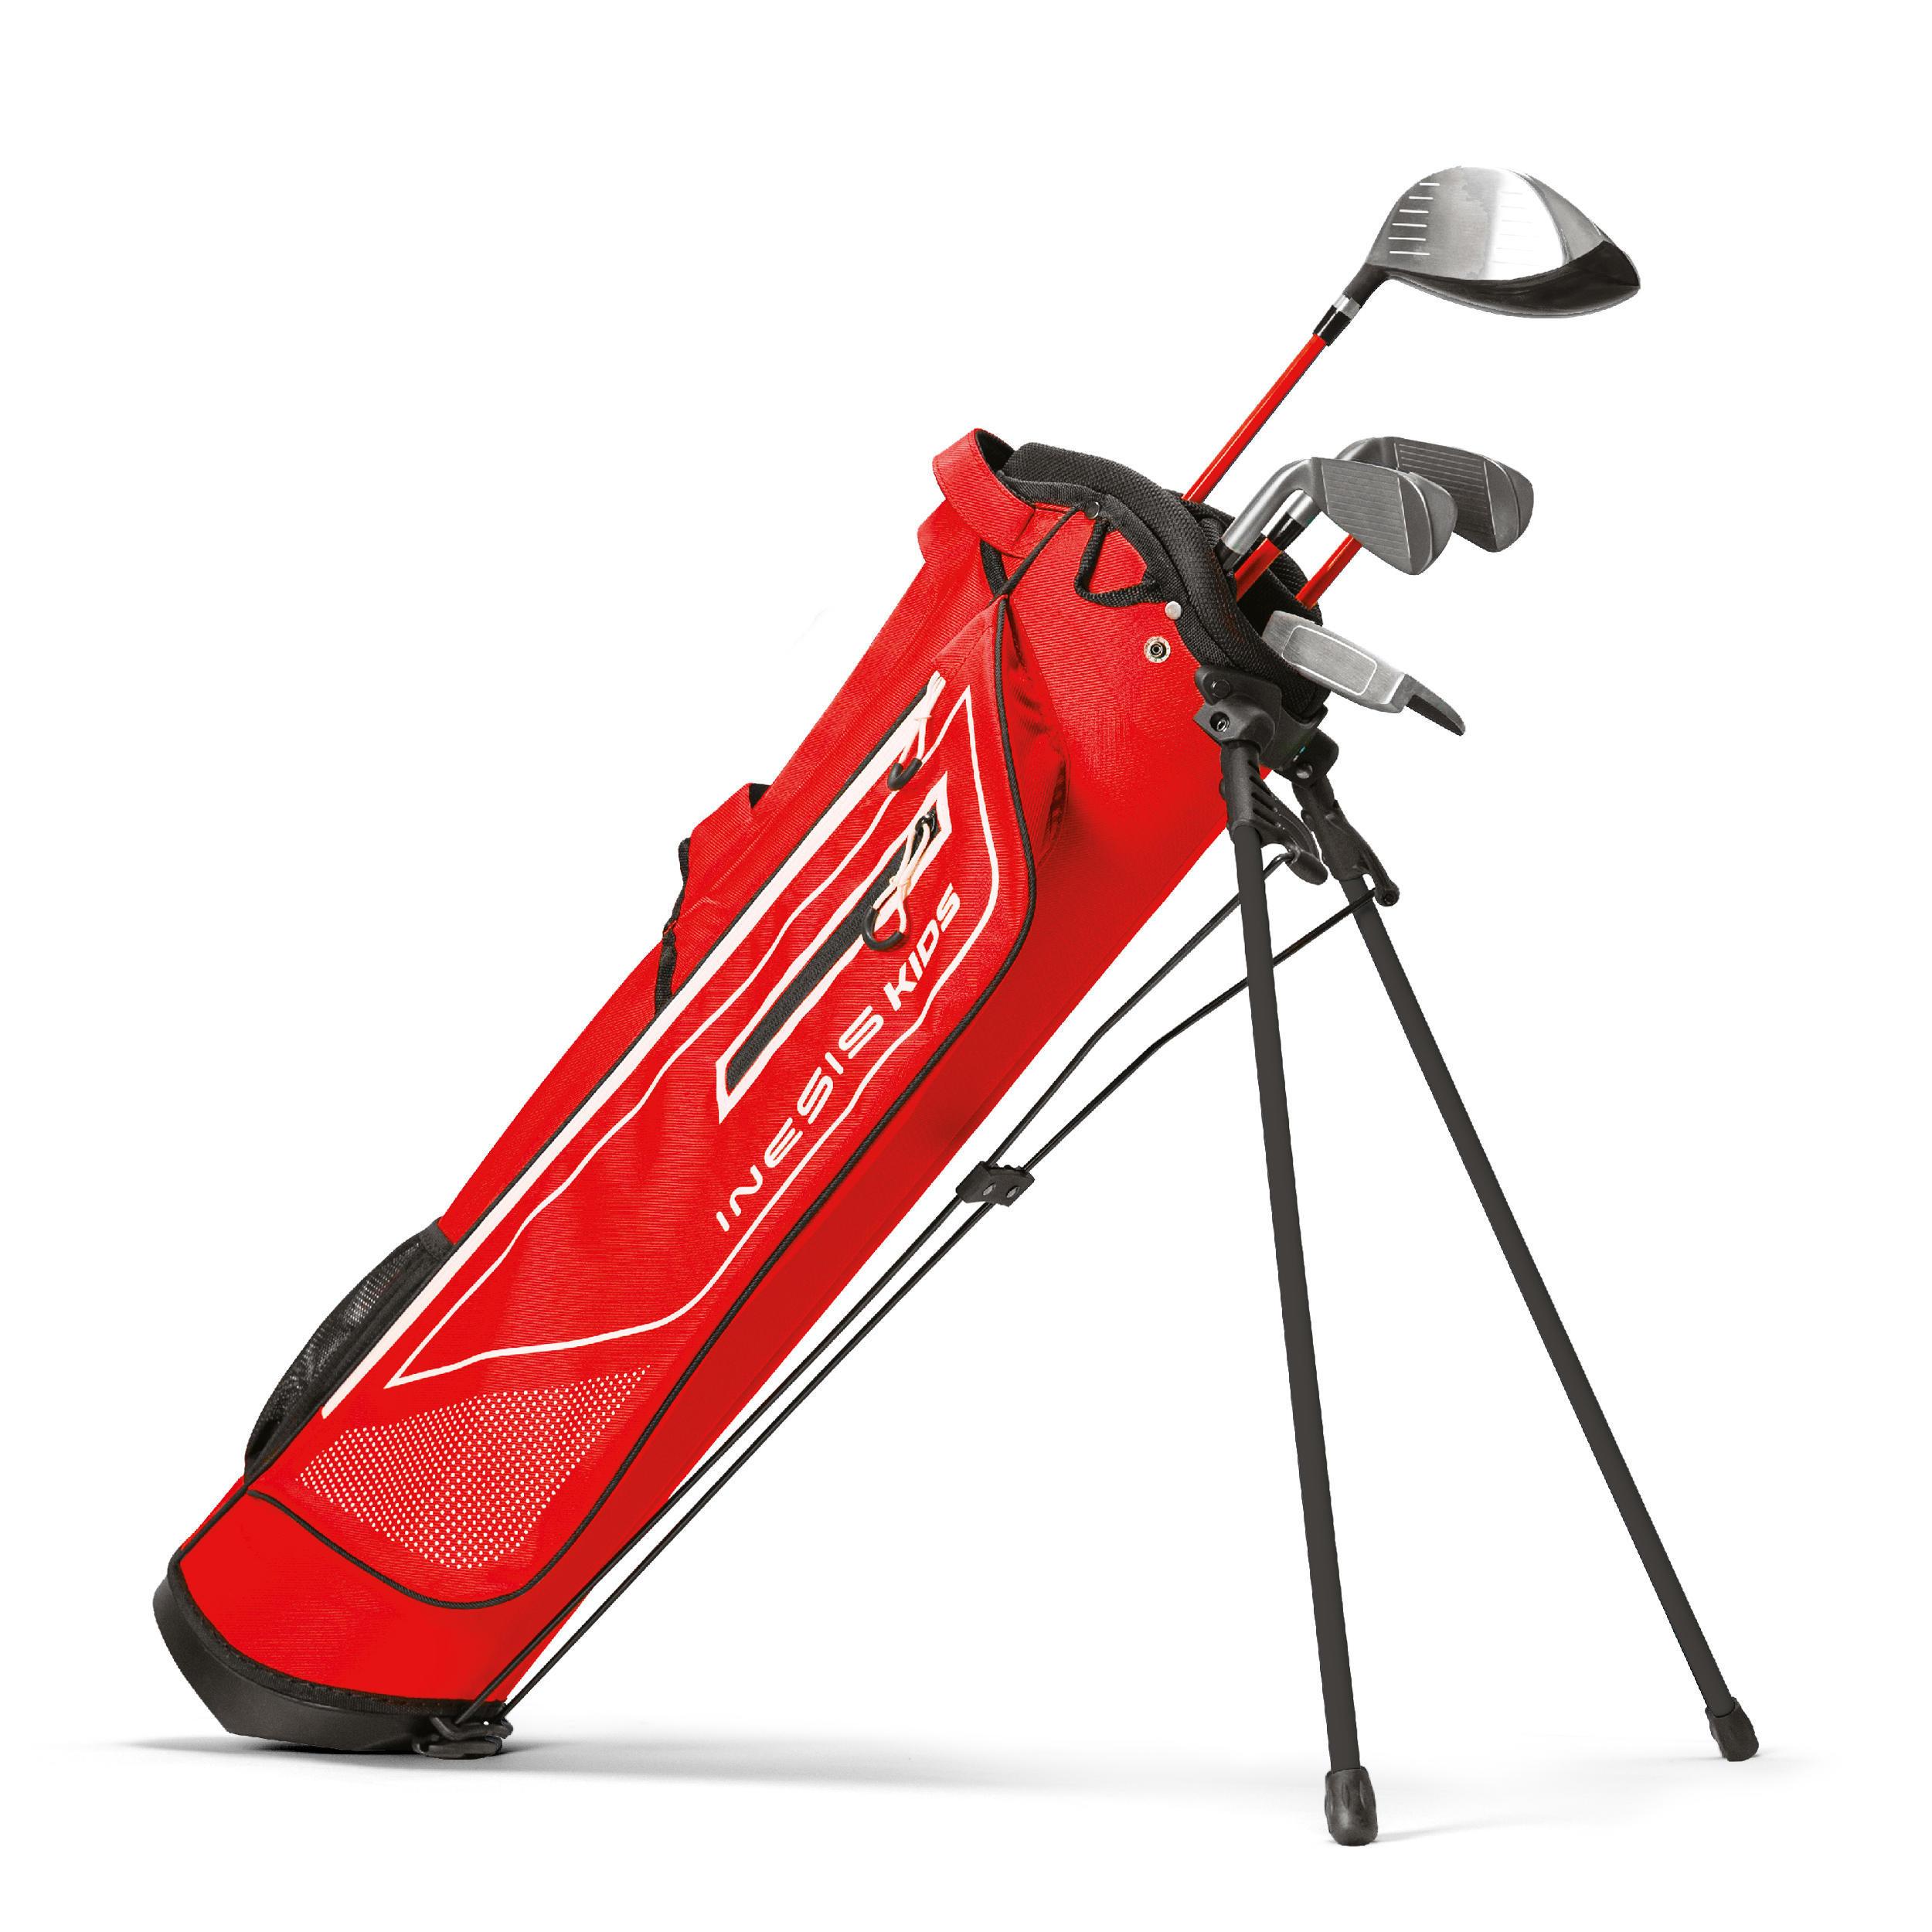 e78c033a24c79 Comparar juegos de palos de golf online